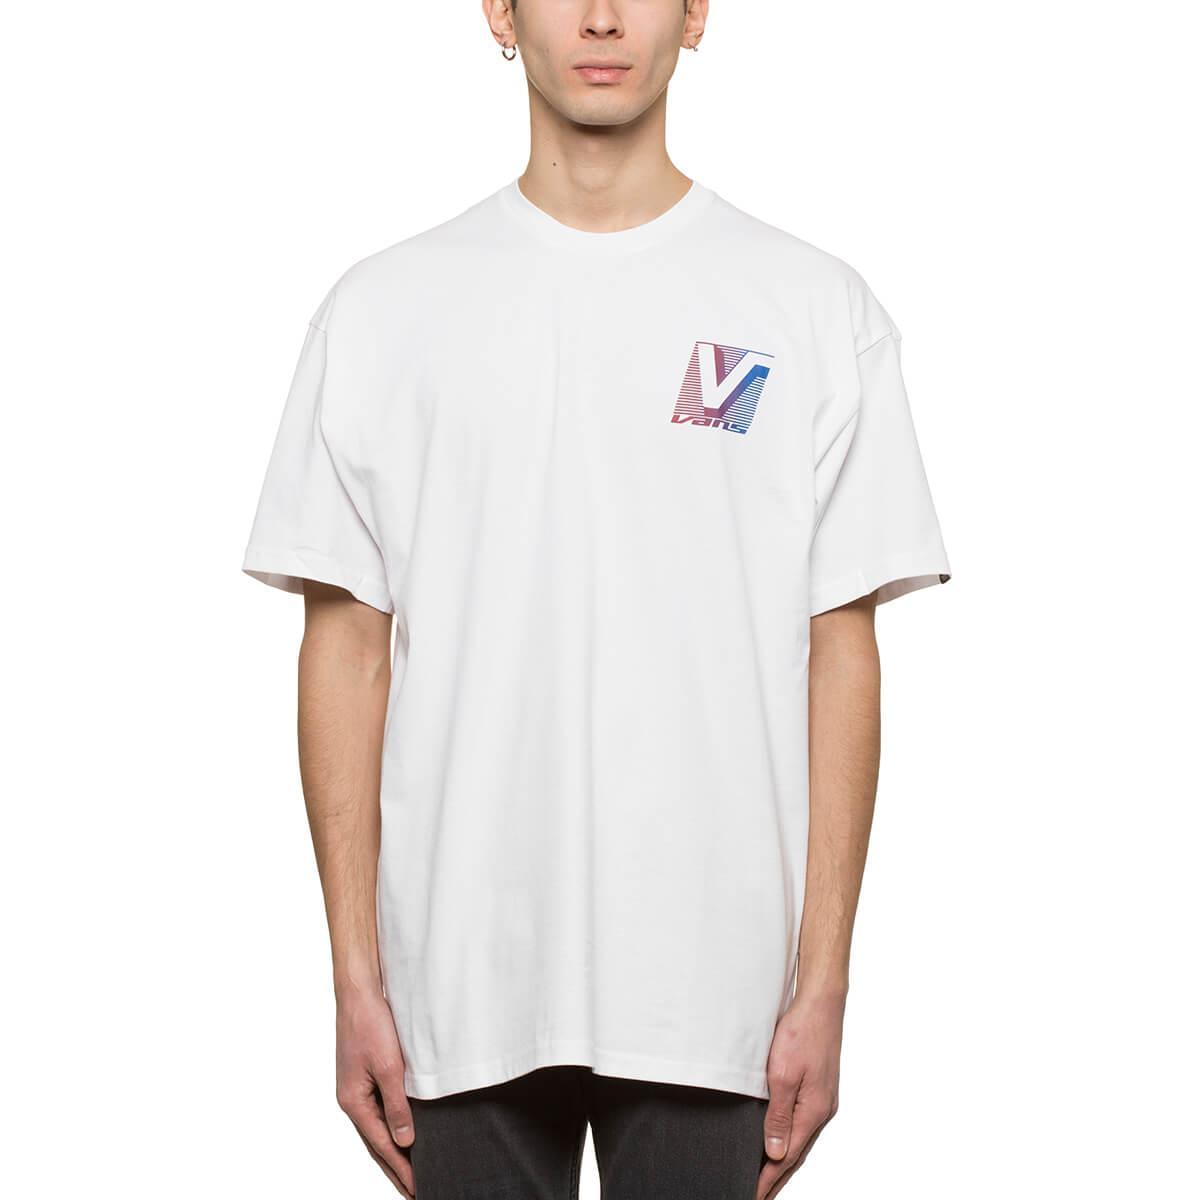 0b2be840eb75b1 Vans Mn Grand T-shirt in White for Men - Lyst